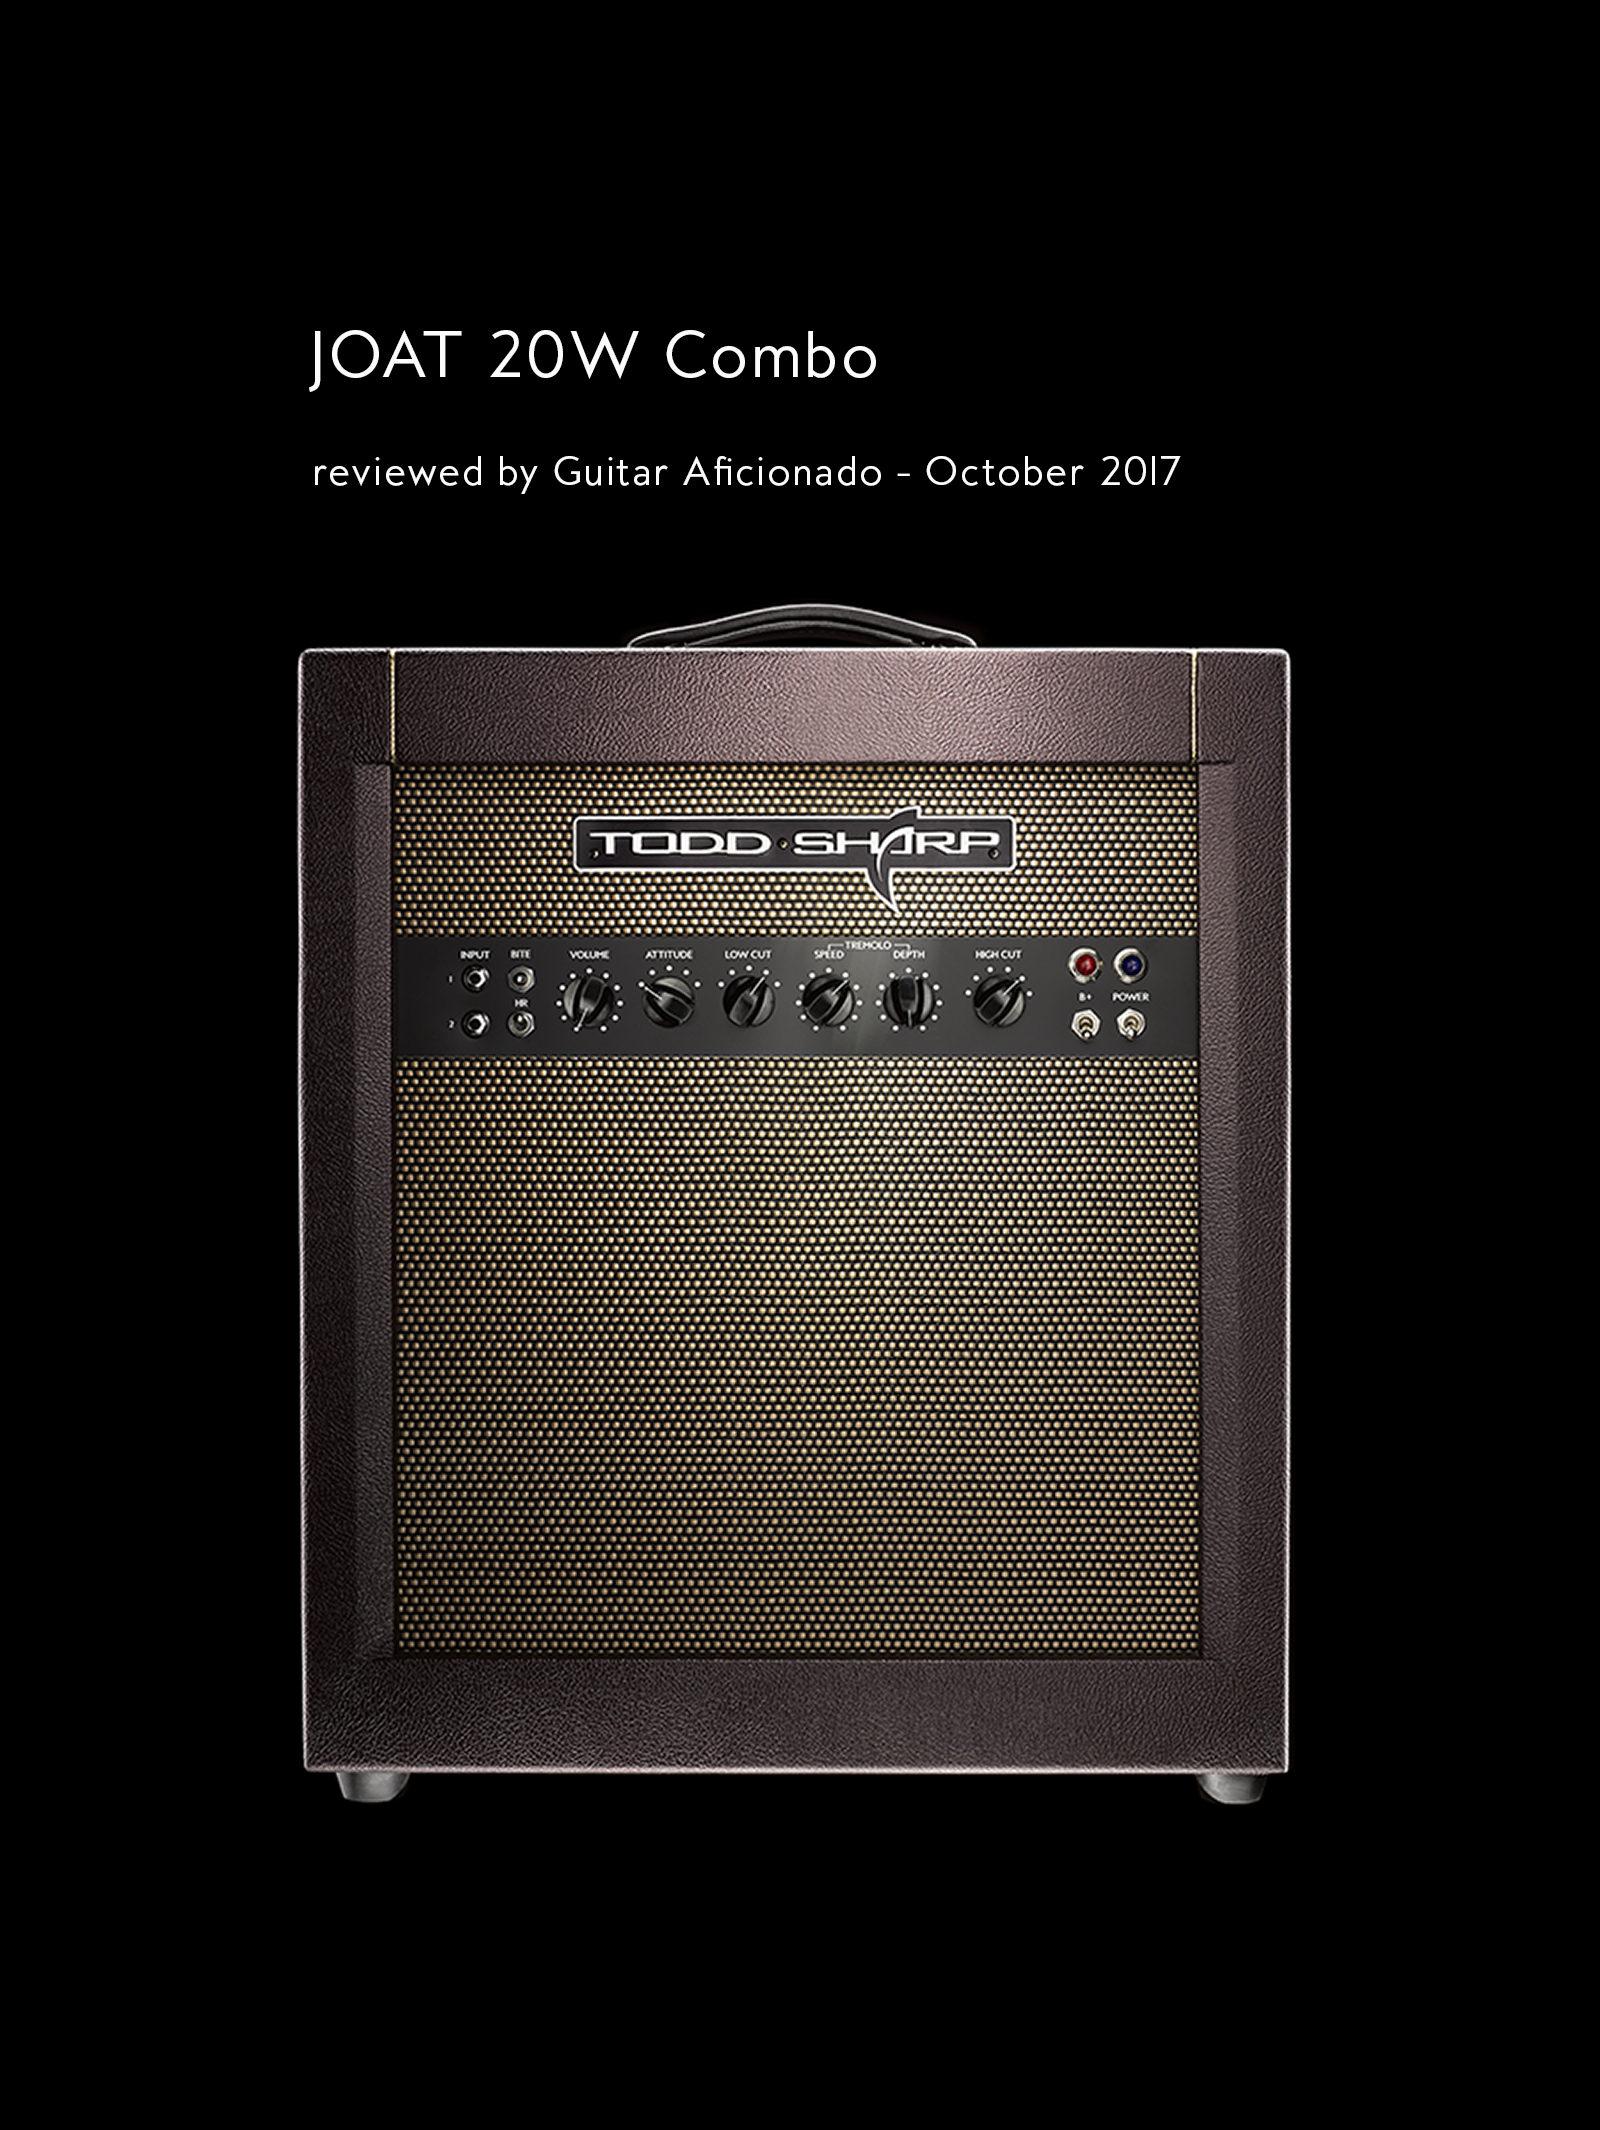 Guitar Aficionado reviews the JOAT 20W Combo